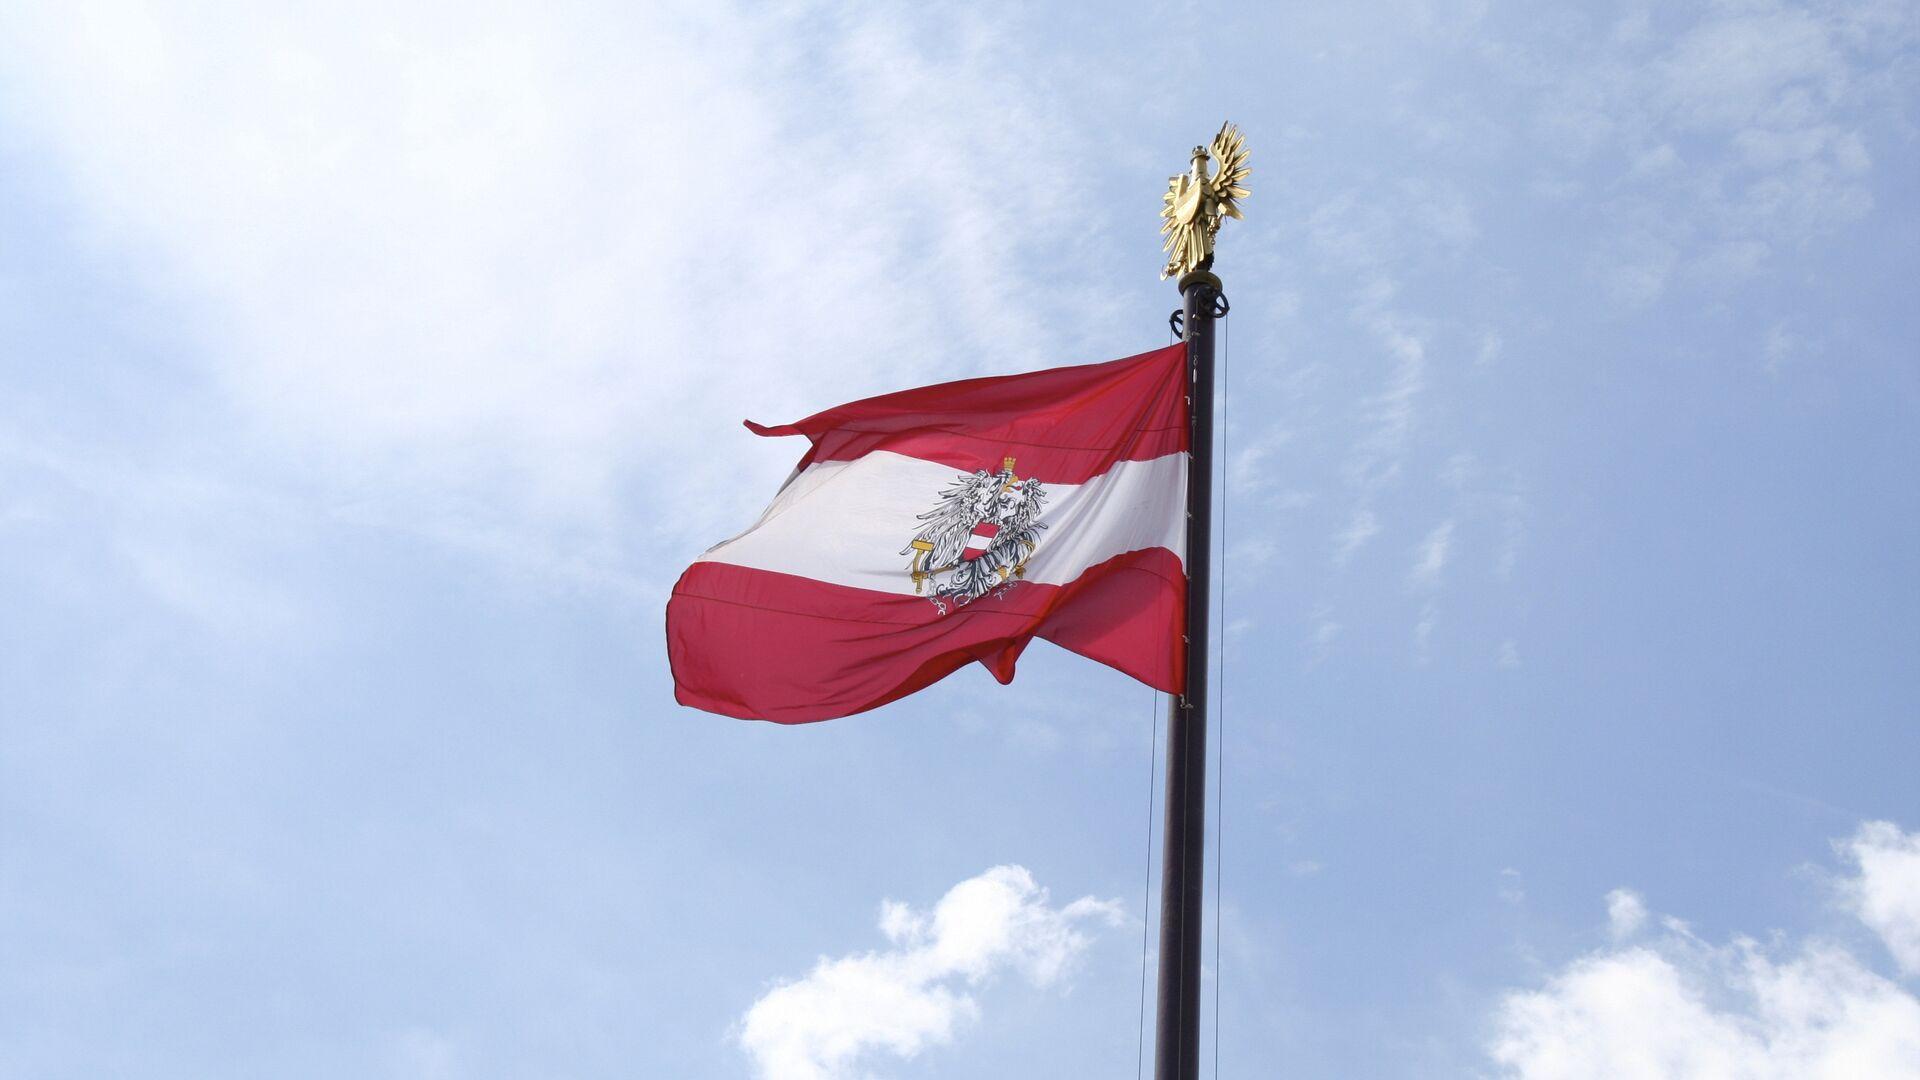 Bandera de Austria - Sputnik Mundo, 1920, 26.05.2021